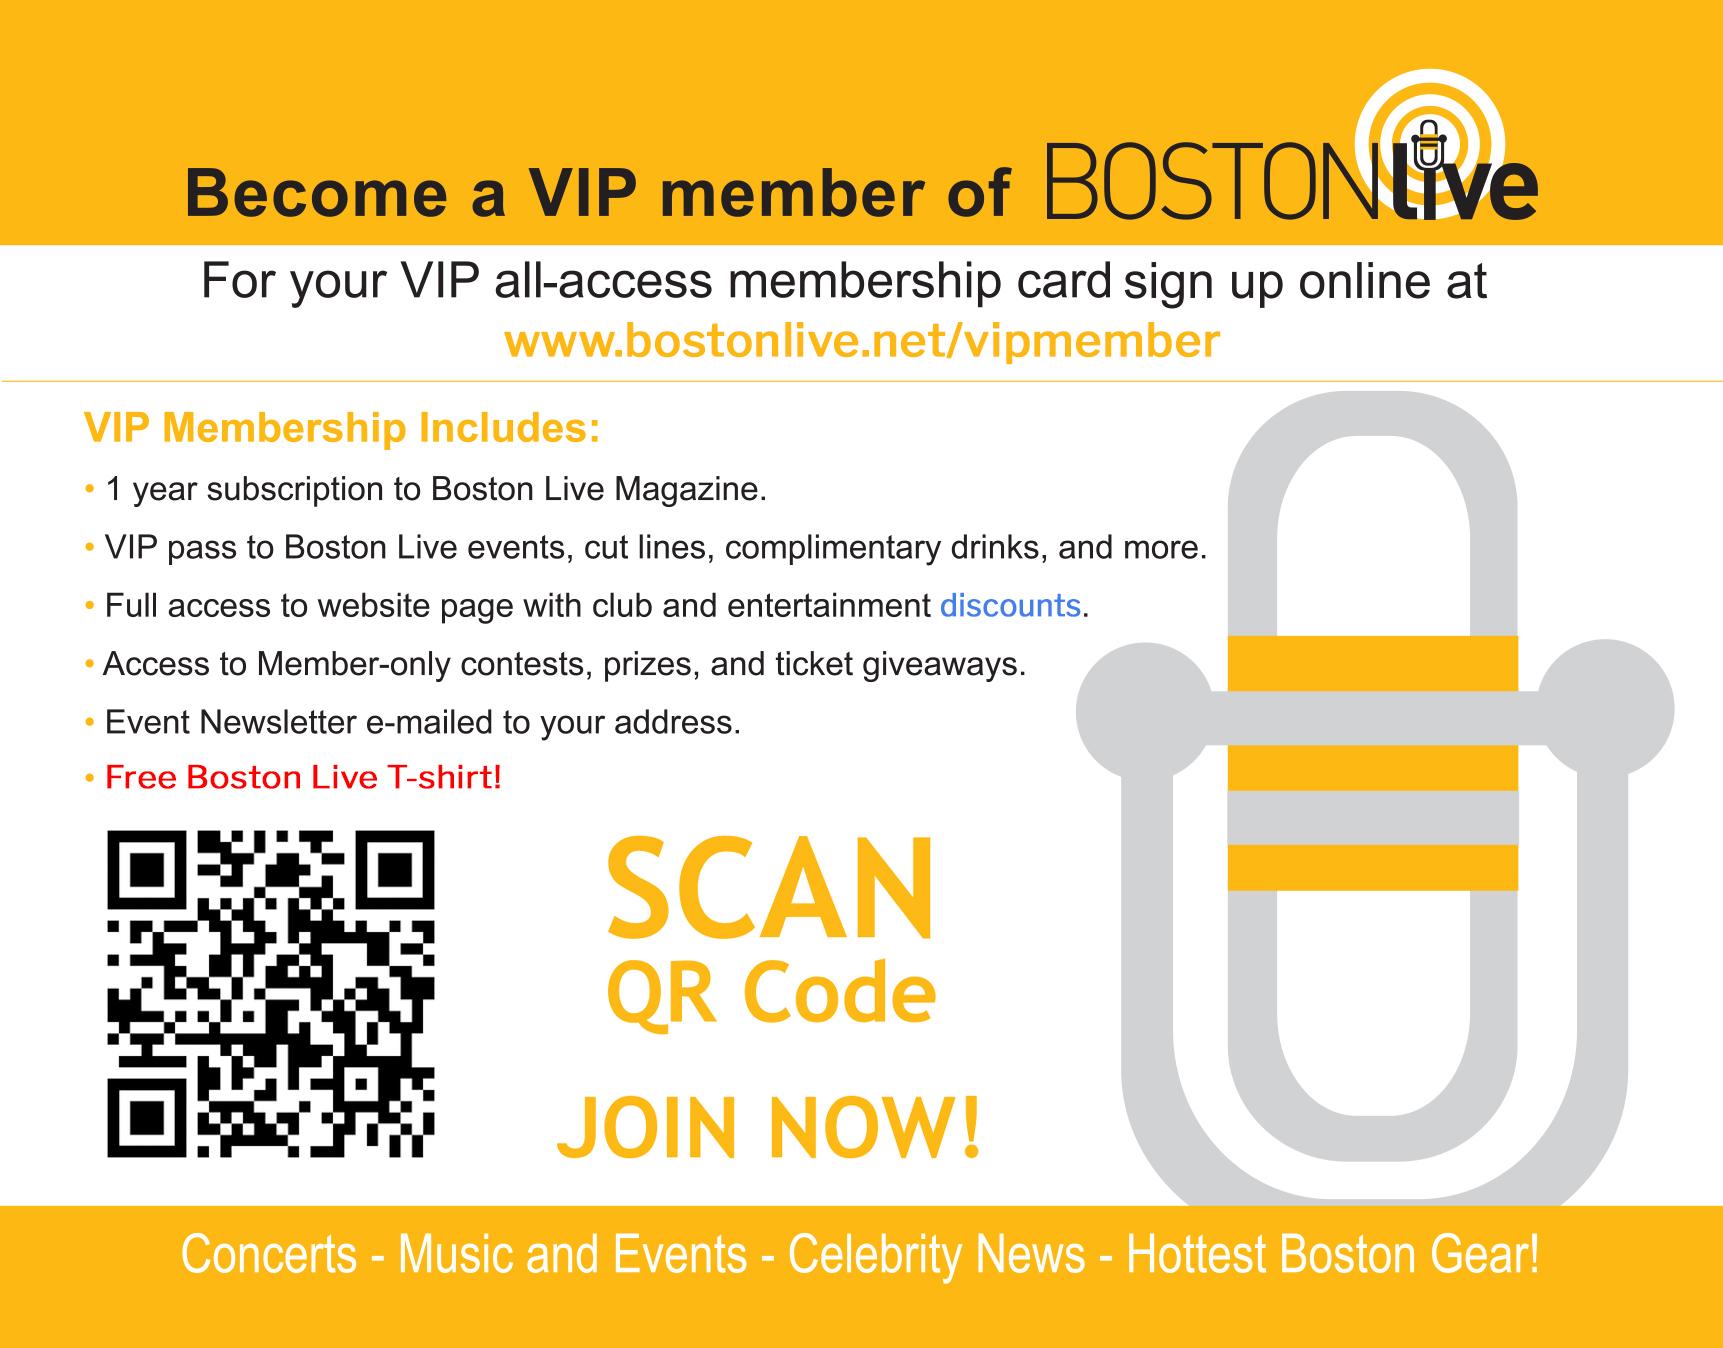 BostonLive VIP Membership